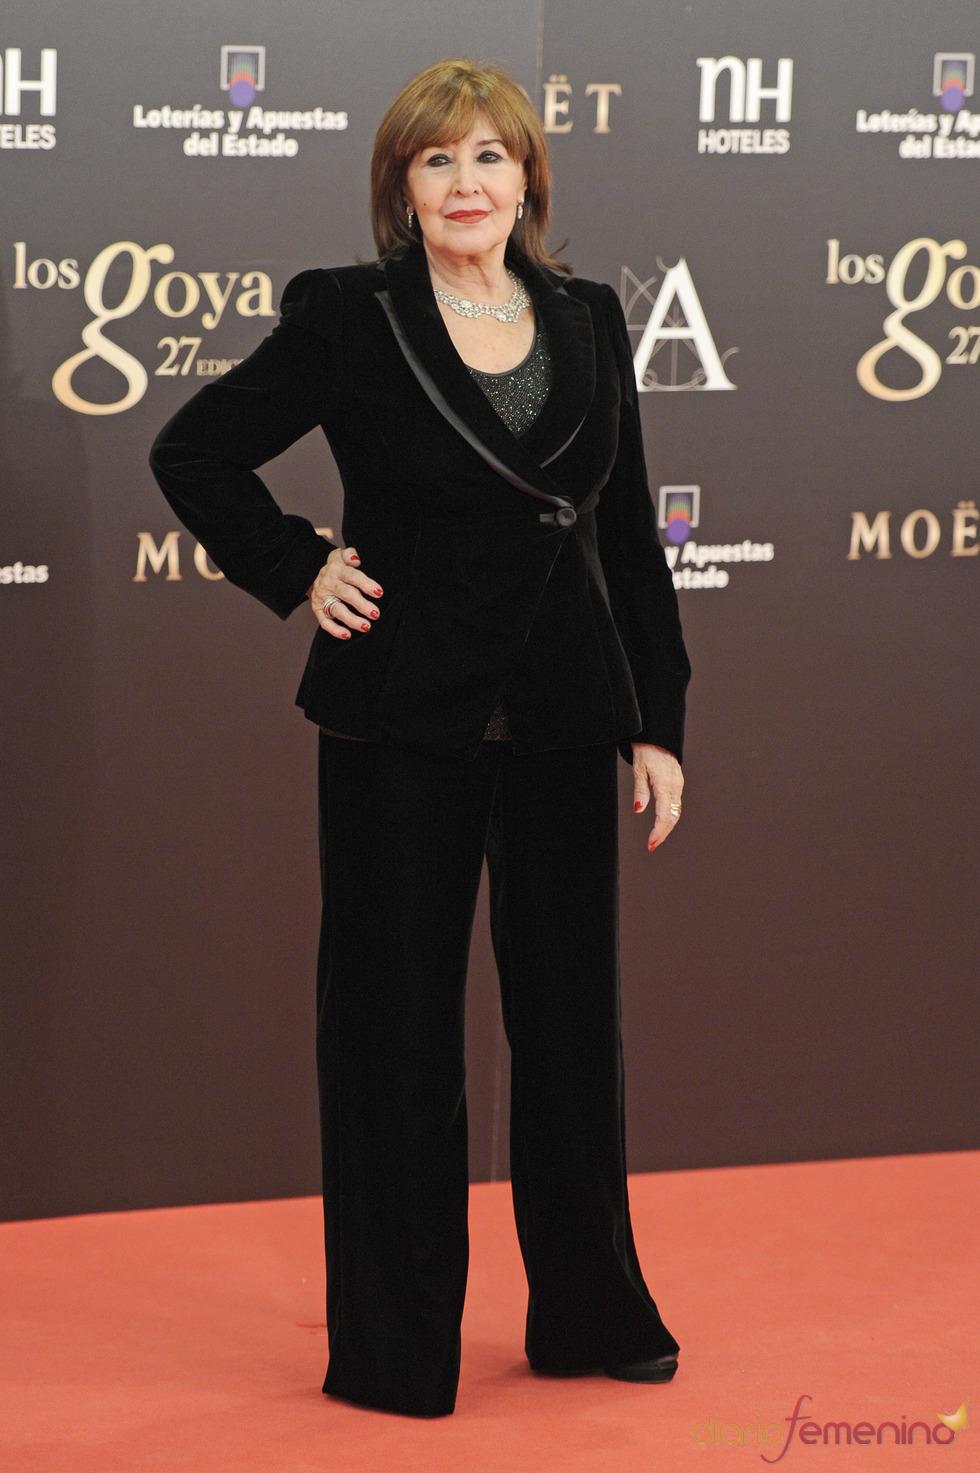 Concha Velasco en la alfombra roja de los Goya 2013